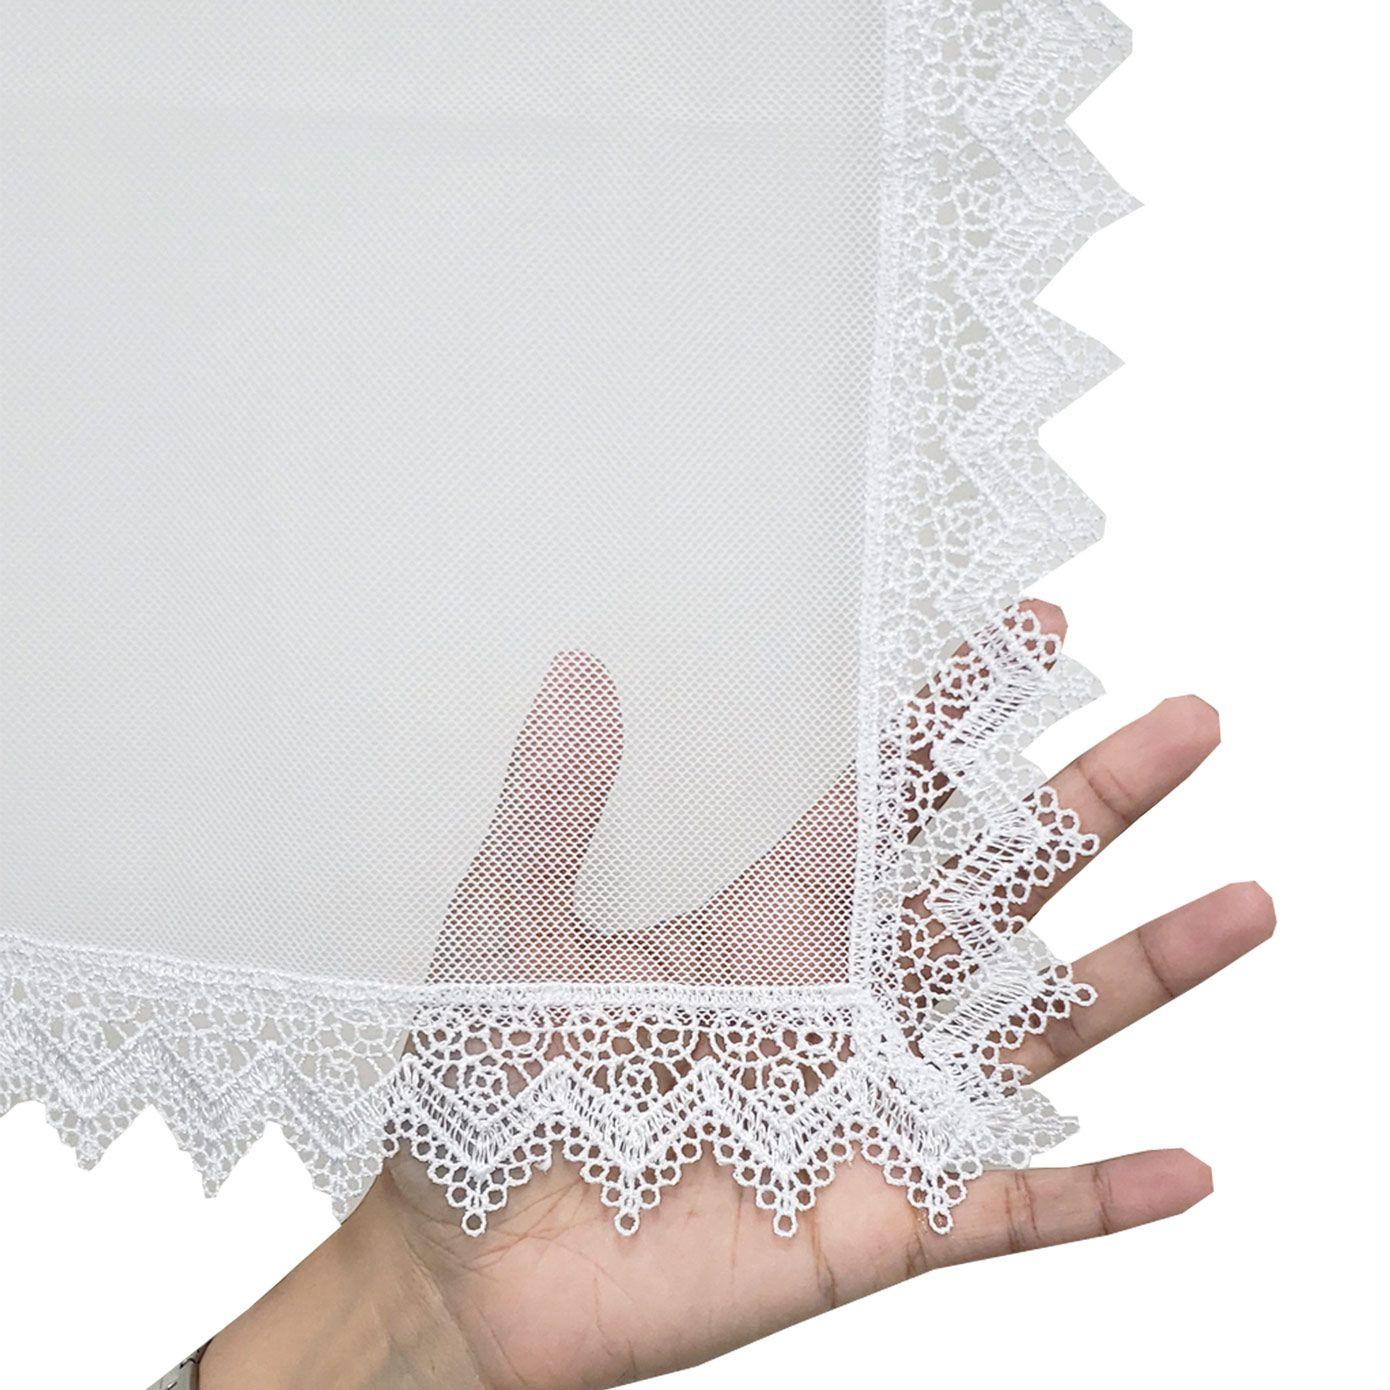 Véu CCB Tecido de Algodão Filó Renda CHL-420